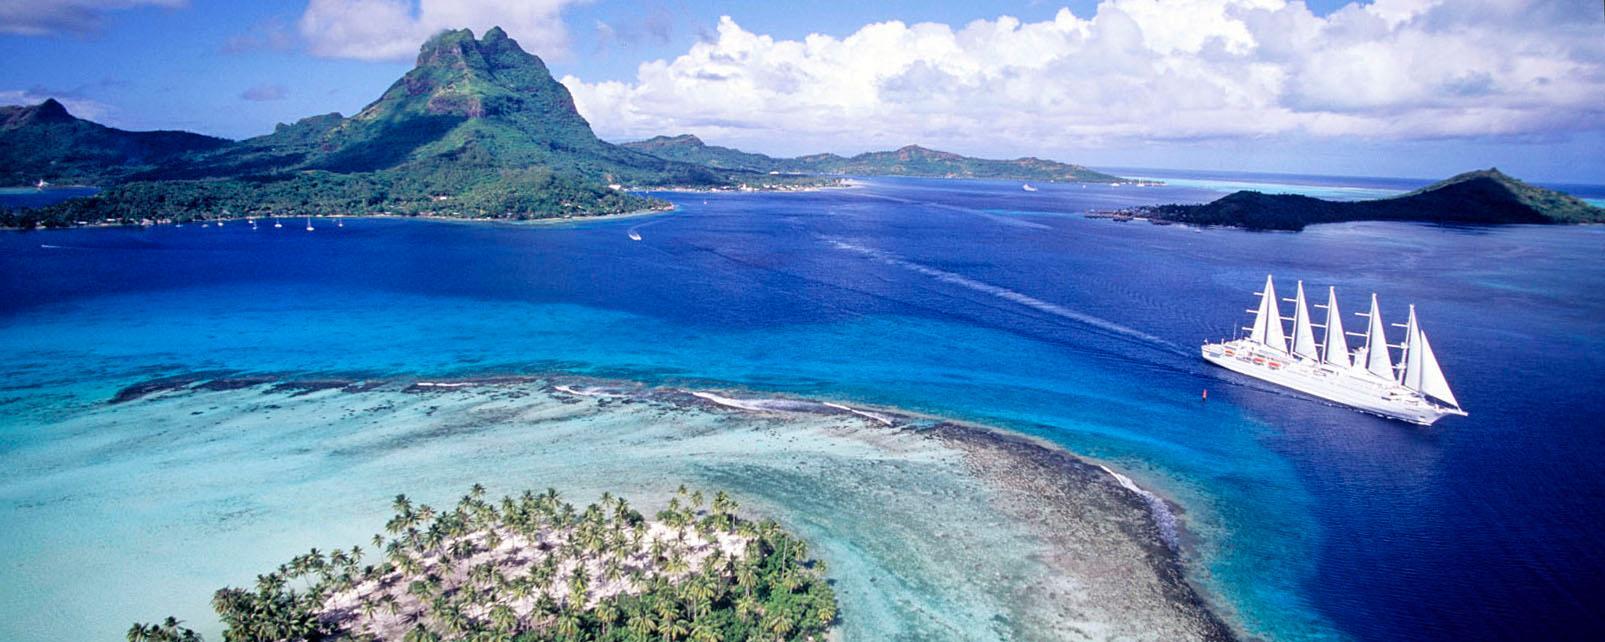 Polinesia Tahiti Bora Bora